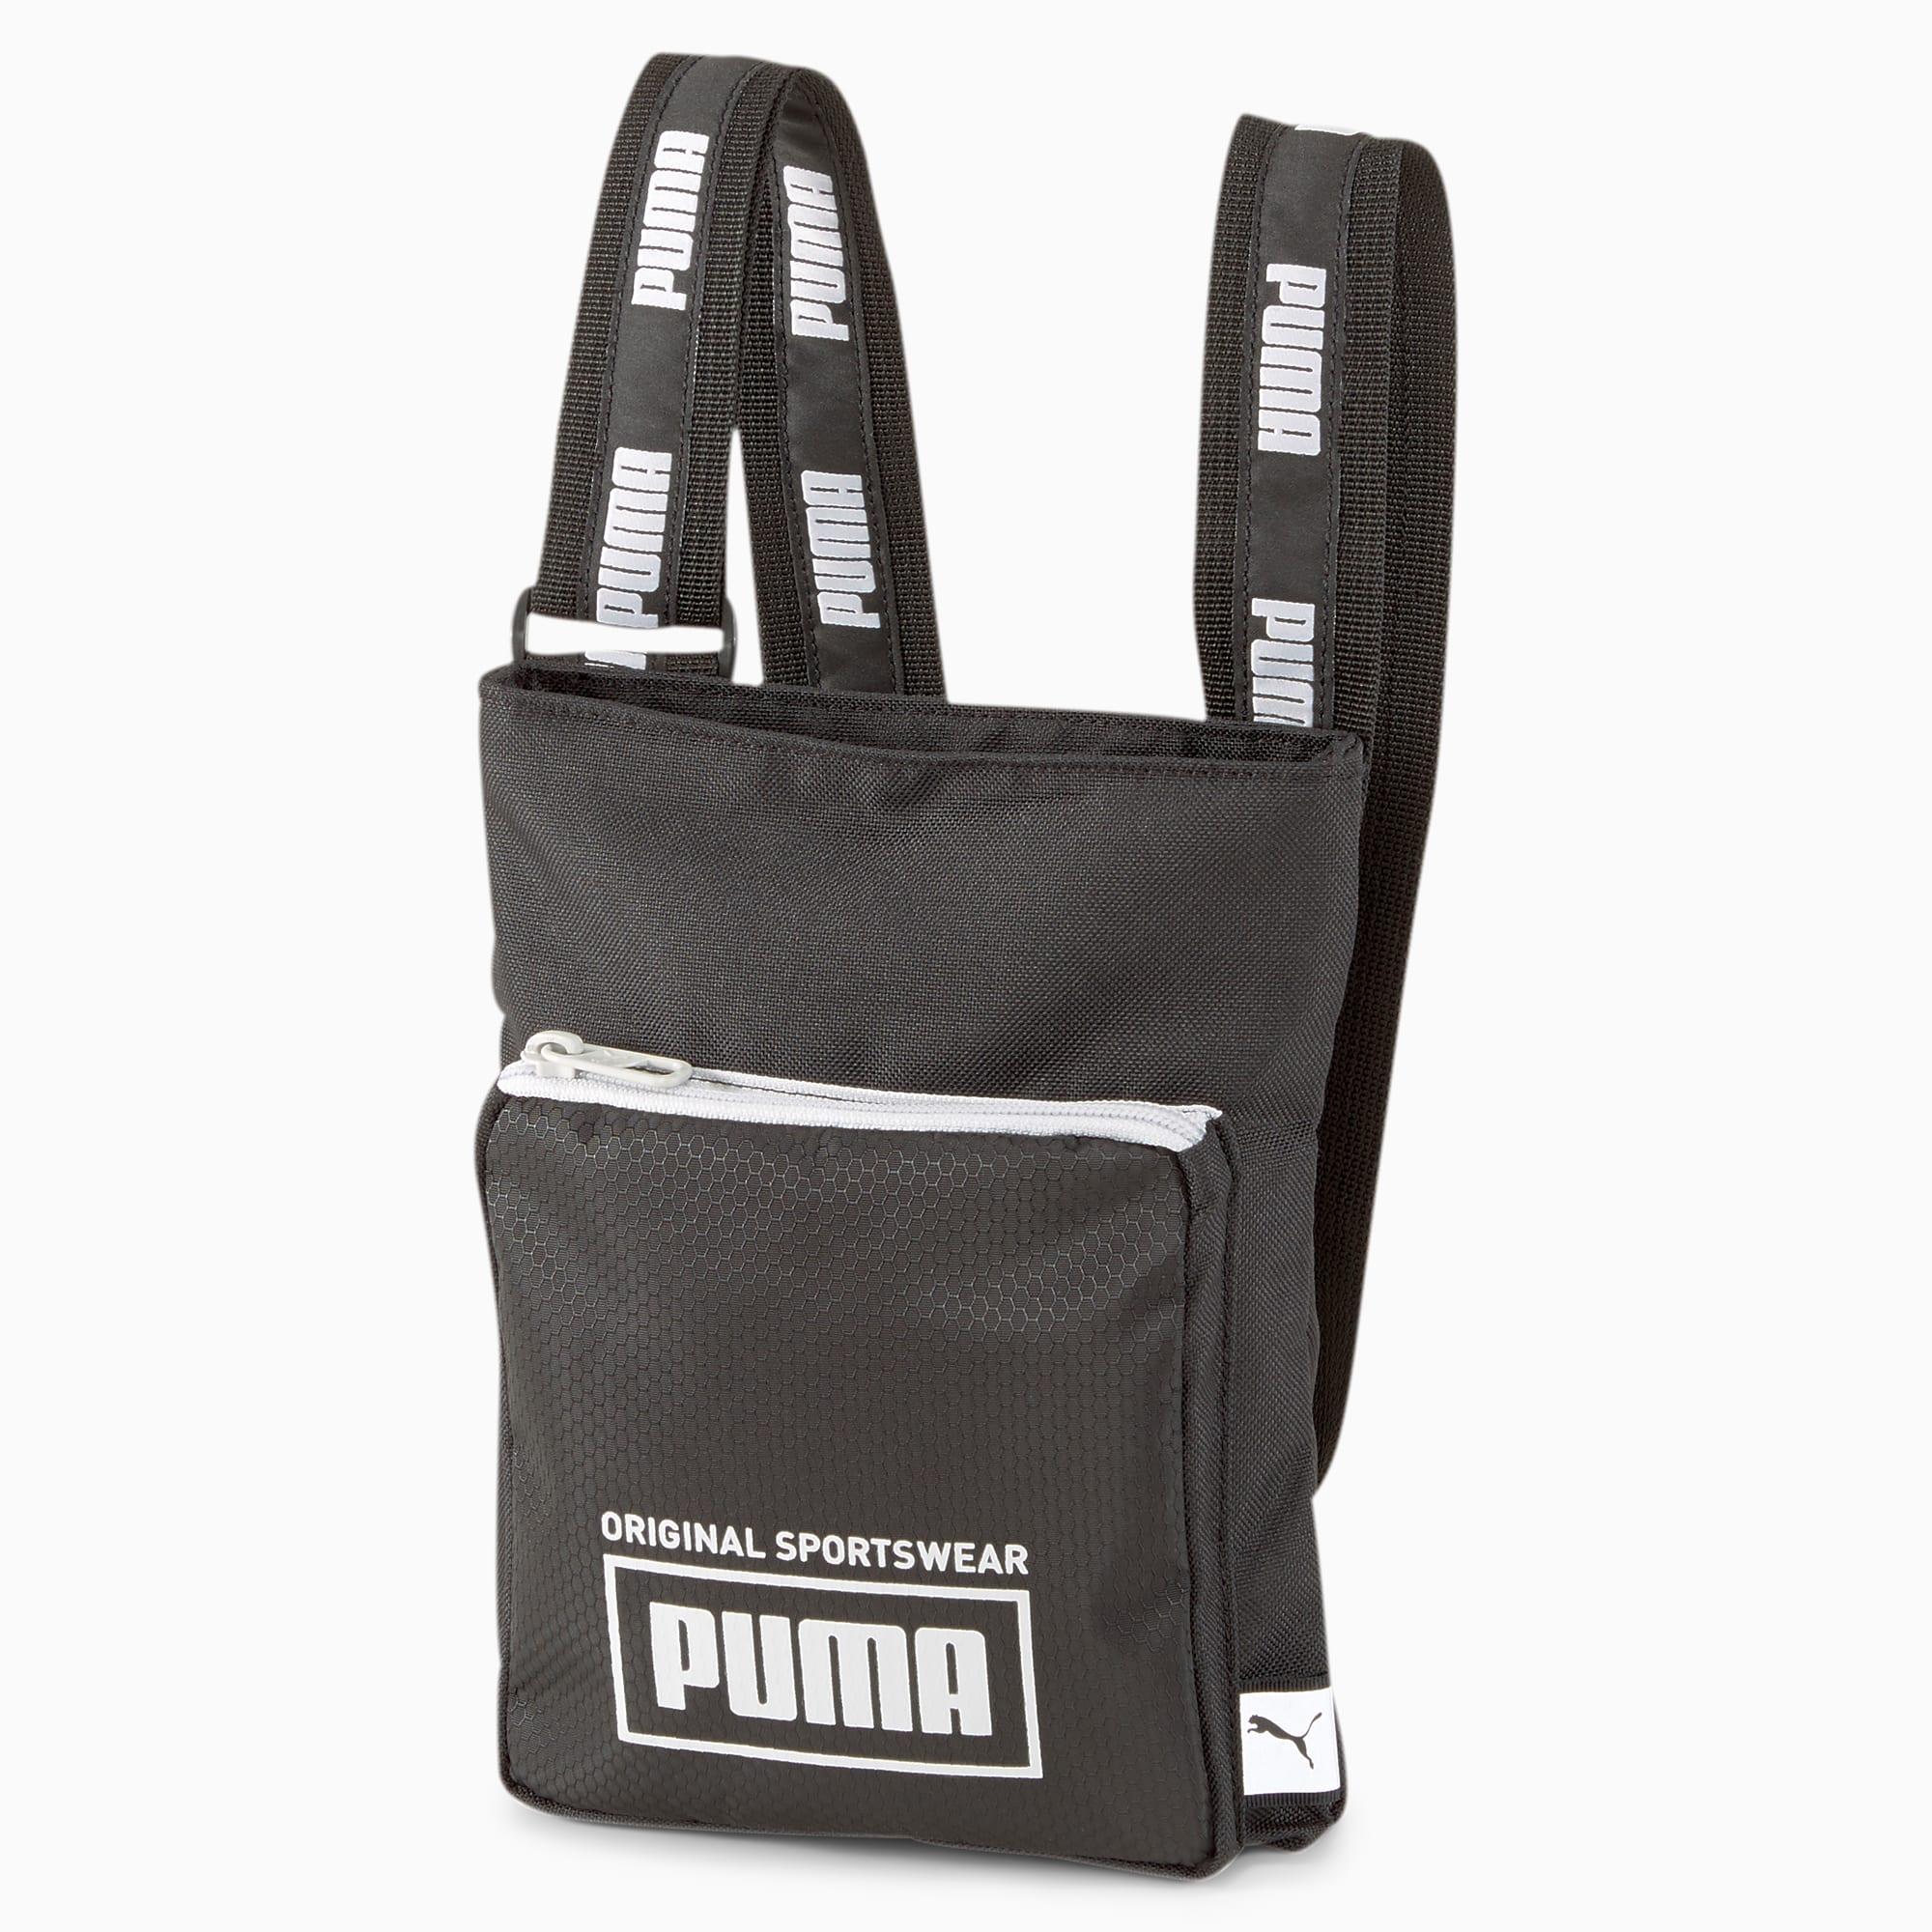 Confidencial no Tiranía  puma original portable - 63% remise - www.muminlerotomotiv.com.tr